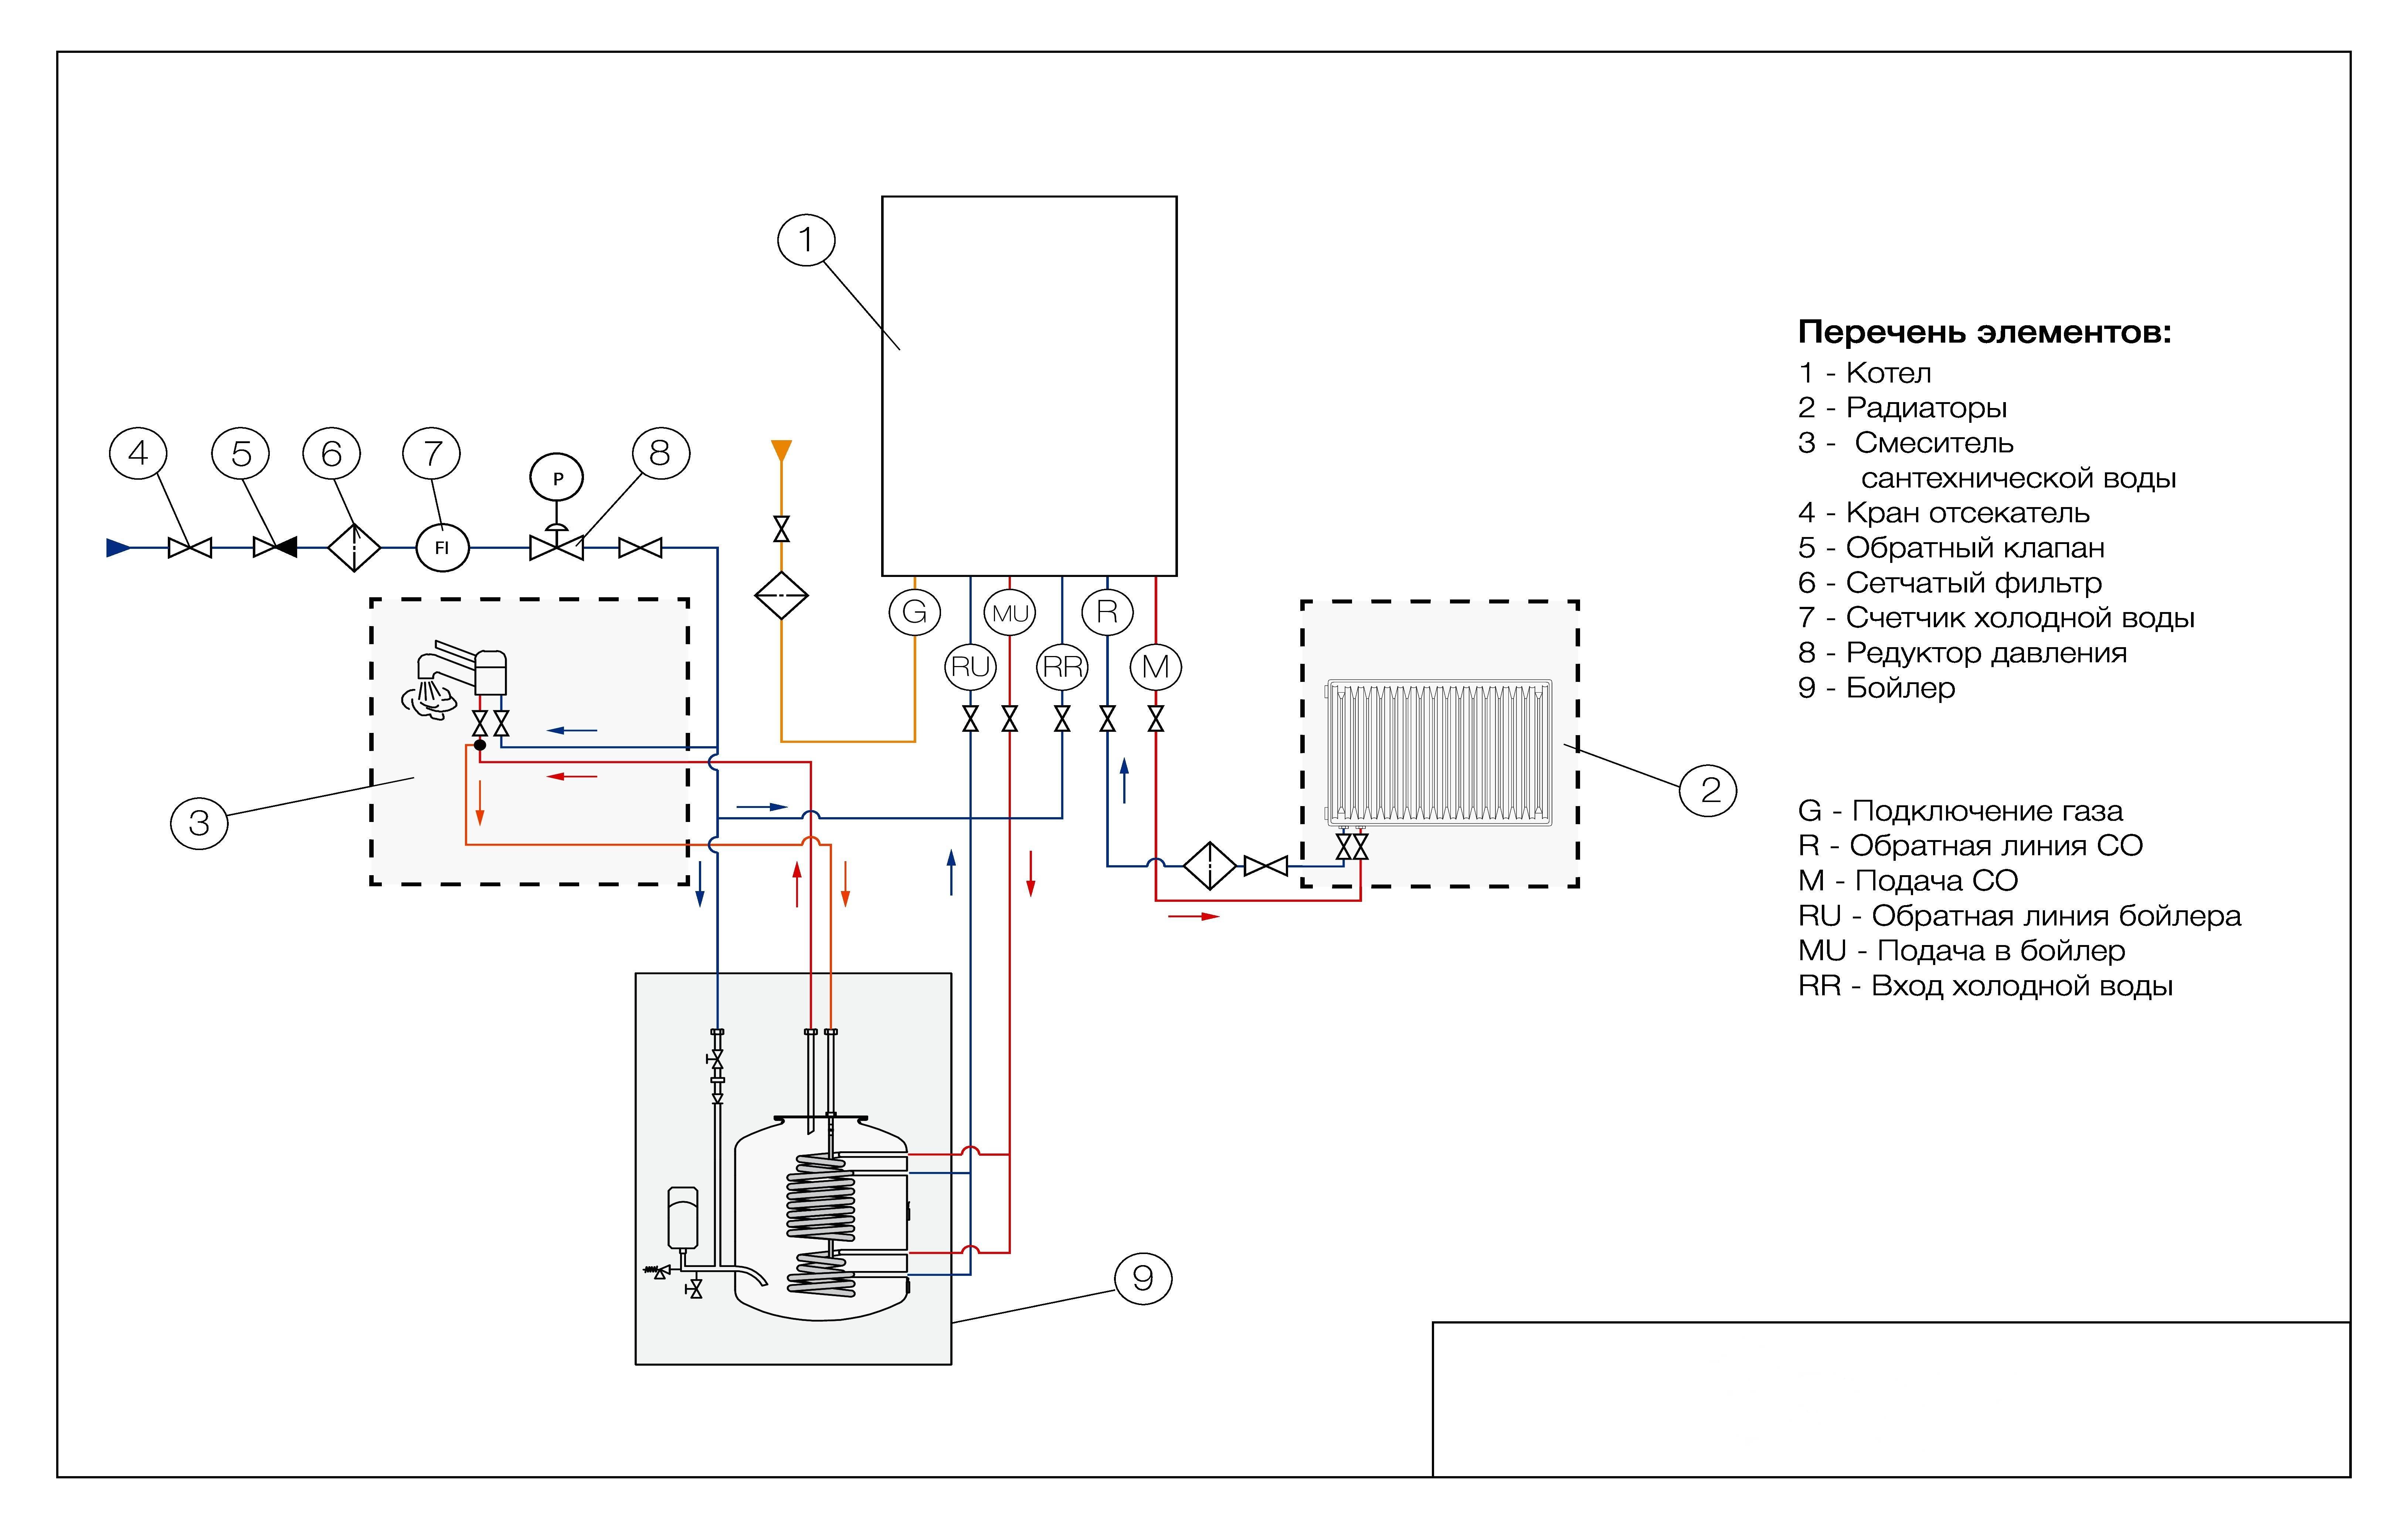 Установка электрических котлов отопления: преимущества и недостатки, выбор, устройство, правила монтажа